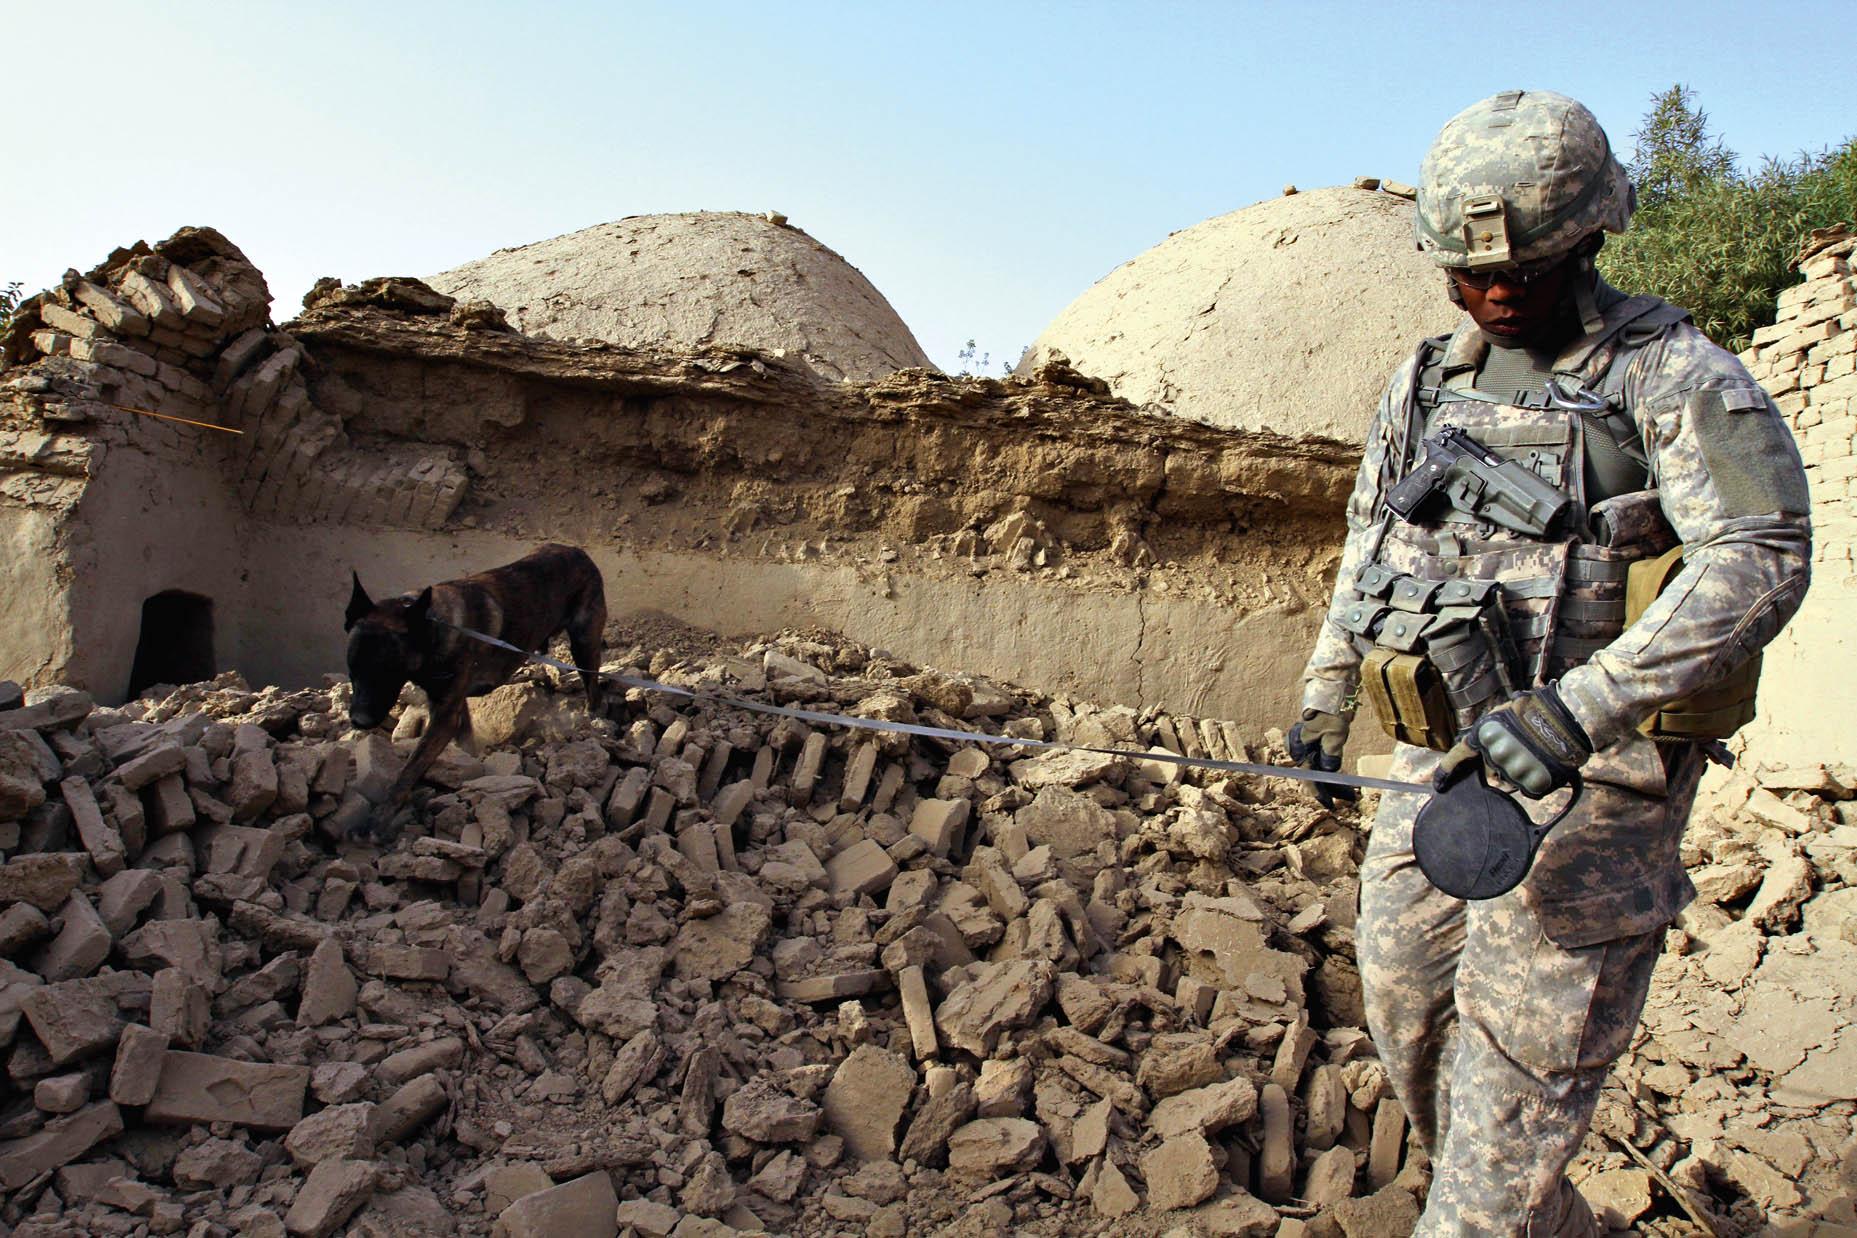 Сержант Максвелл, ведущий наповодке служебную собаку, — кадр, сделанный Жуаном Сильвой занесколько секунд довзрыва.